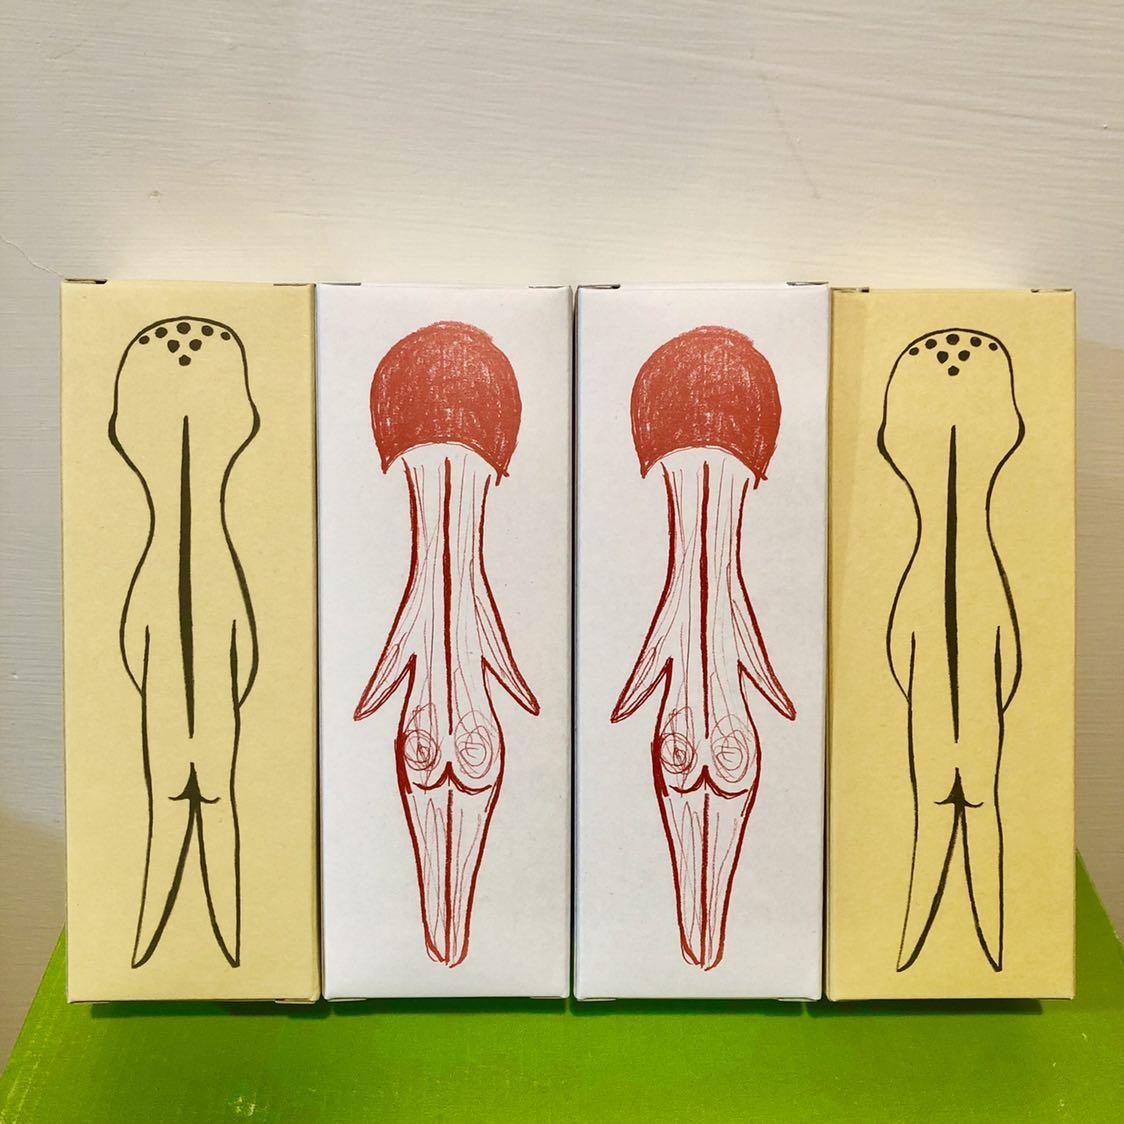 加藤泉 IZUMI KATO 日本當代藝術 原美術館 限定 整組出售 下一個 KAWS